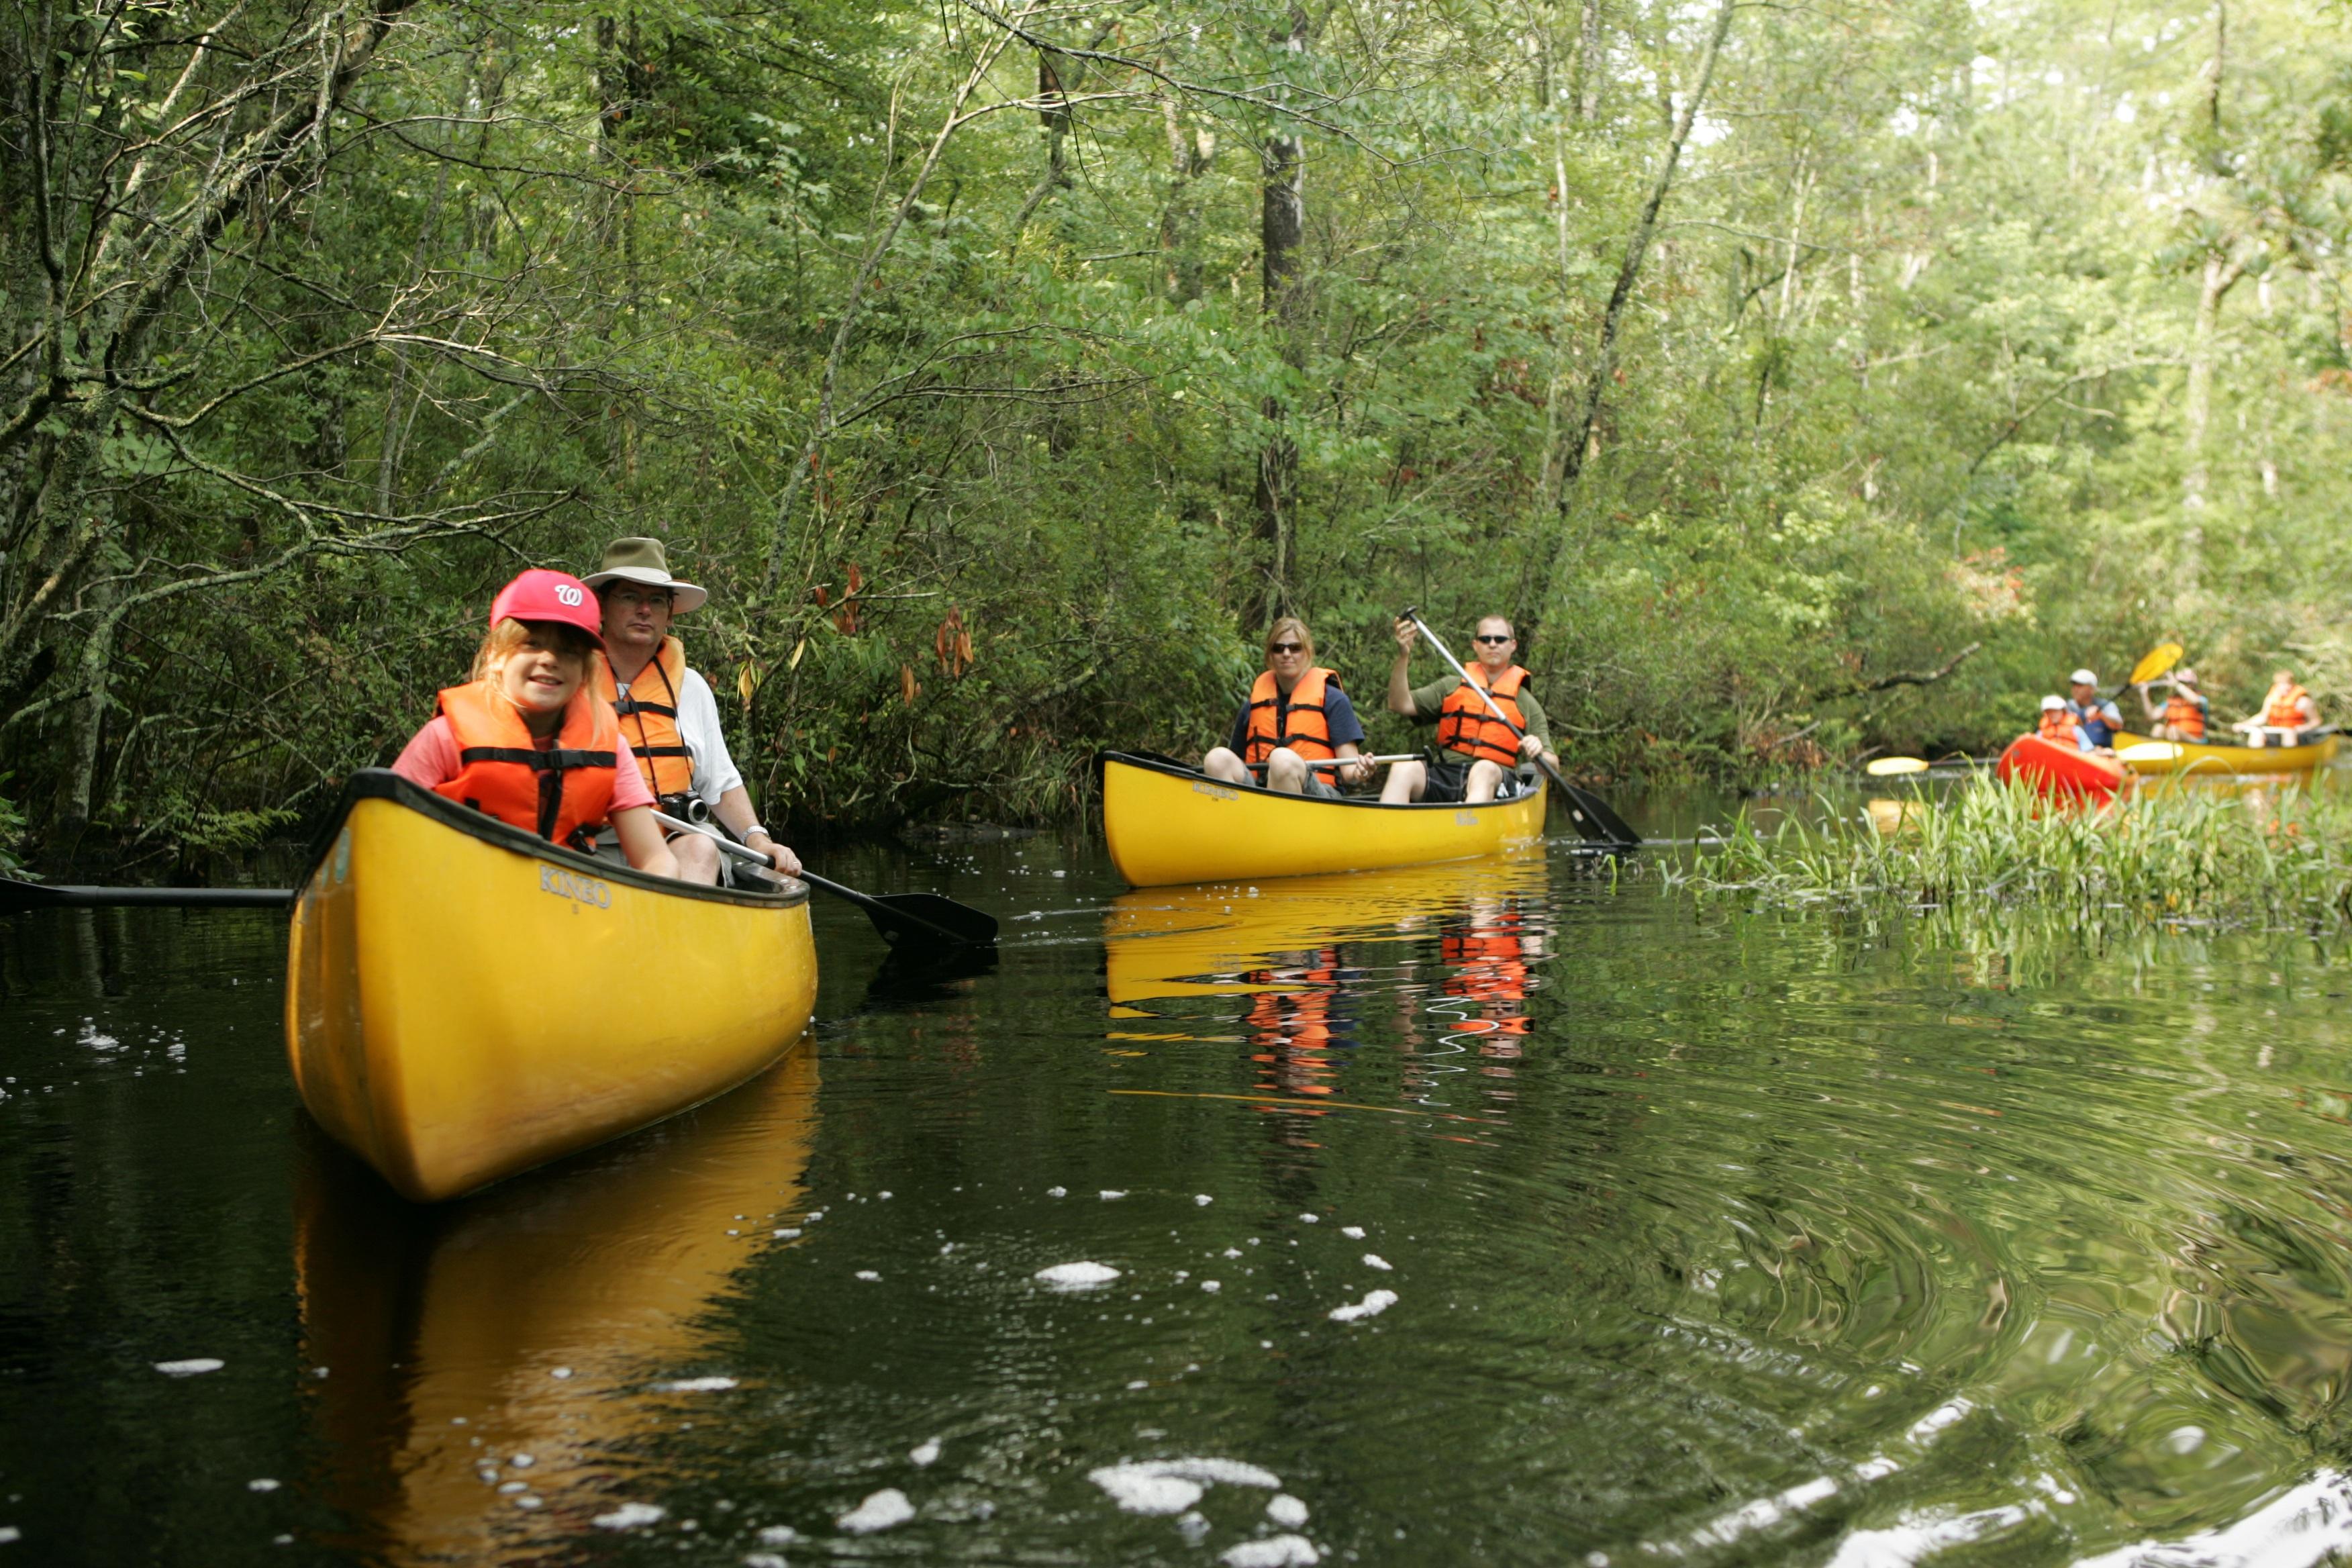 Family Canoeing, Activity, Canoe, Canoeing, Family, HQ Photo